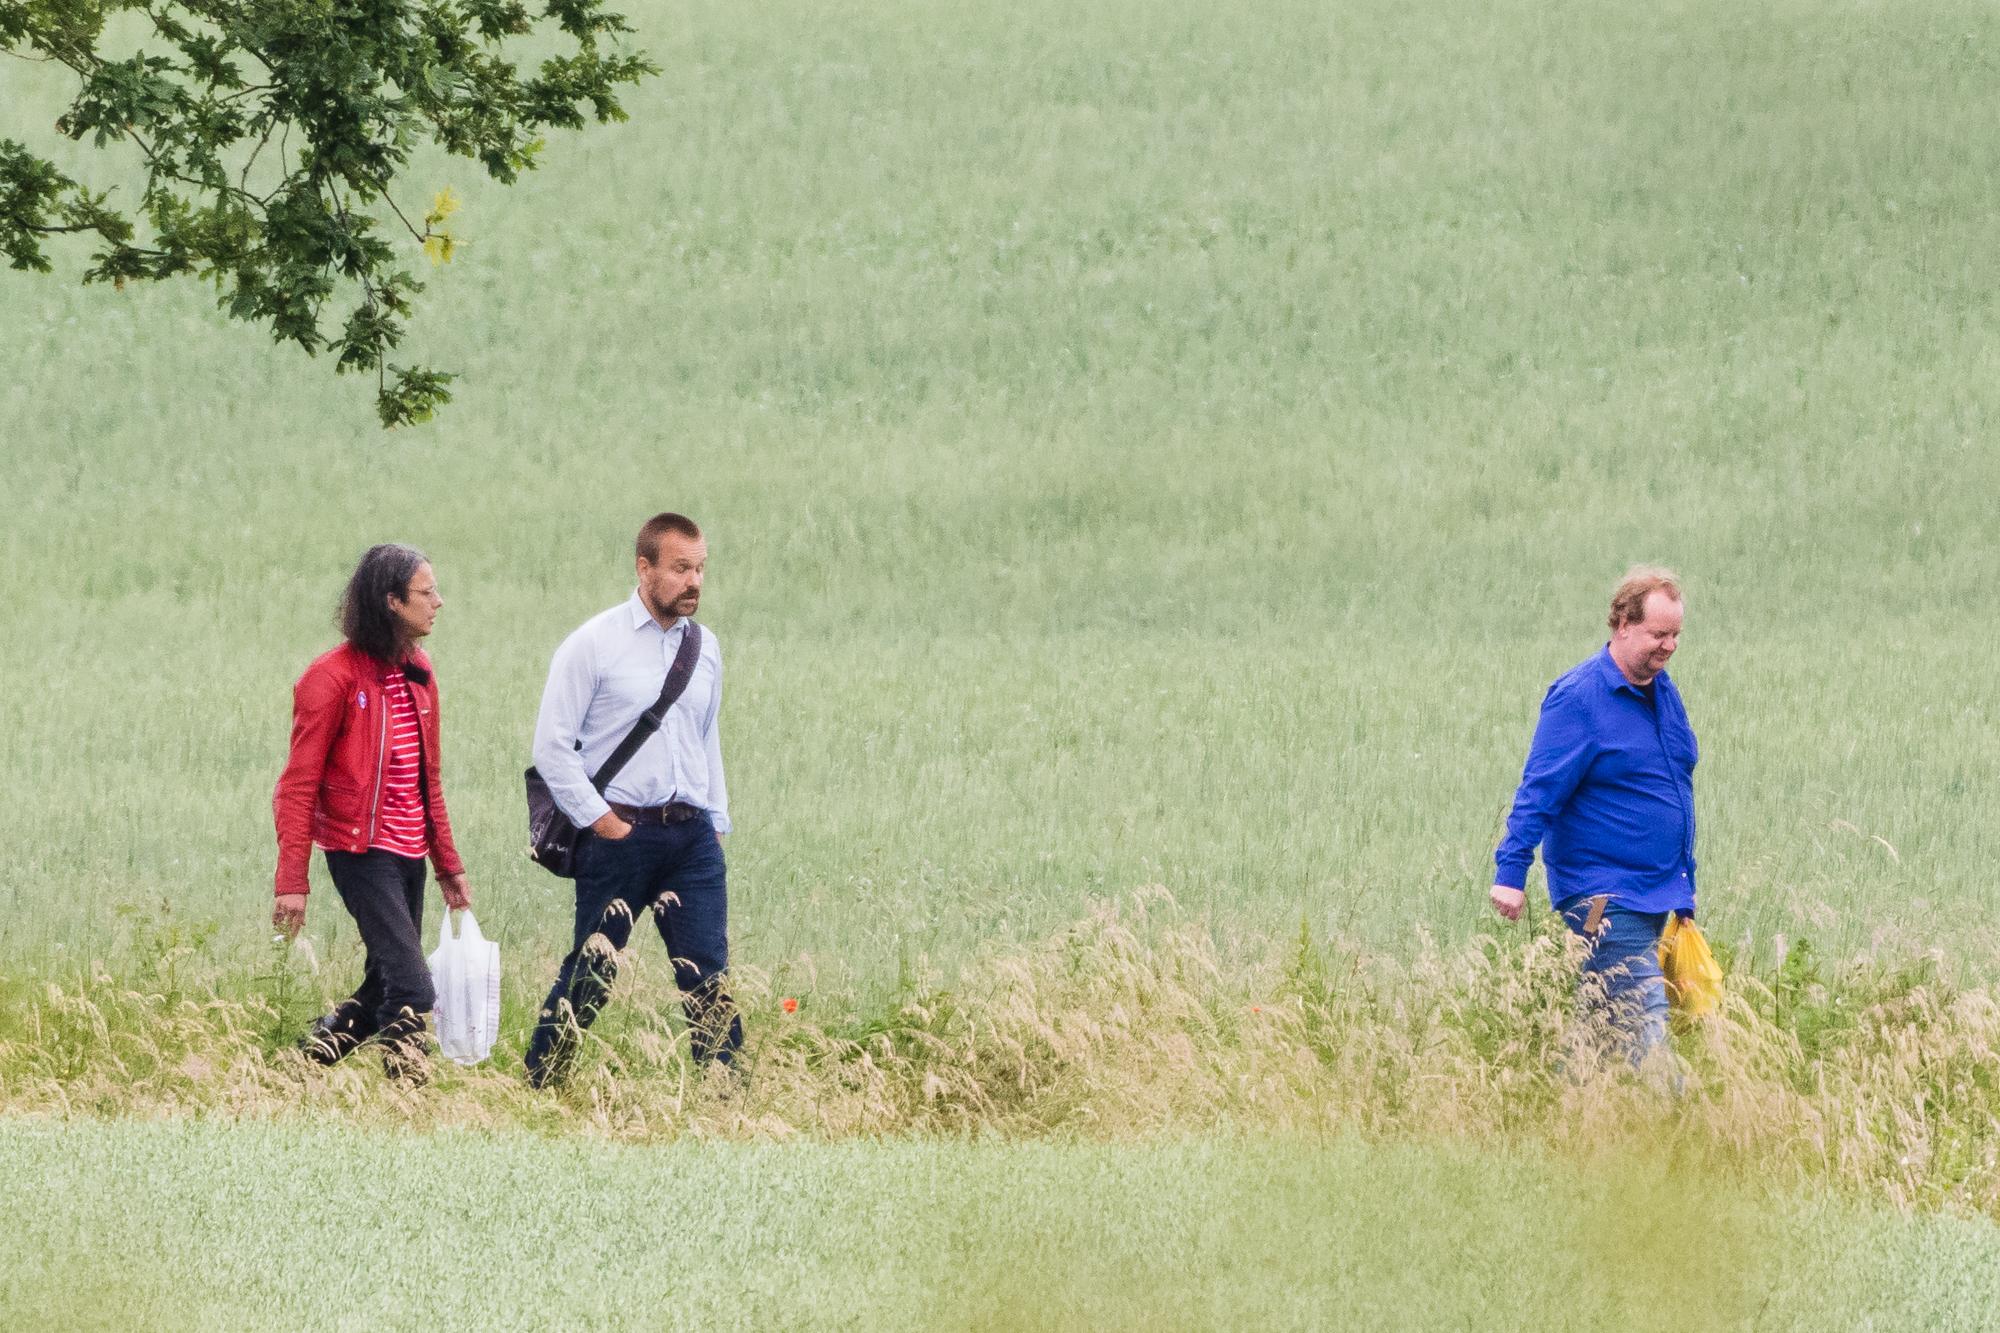 I rød jakke ses den svenske nazist Dan Park, i selskab med to andre deltagere, ankomme til årets udgave af Folkefesten. (Foto: Researchkollektivet Redox)